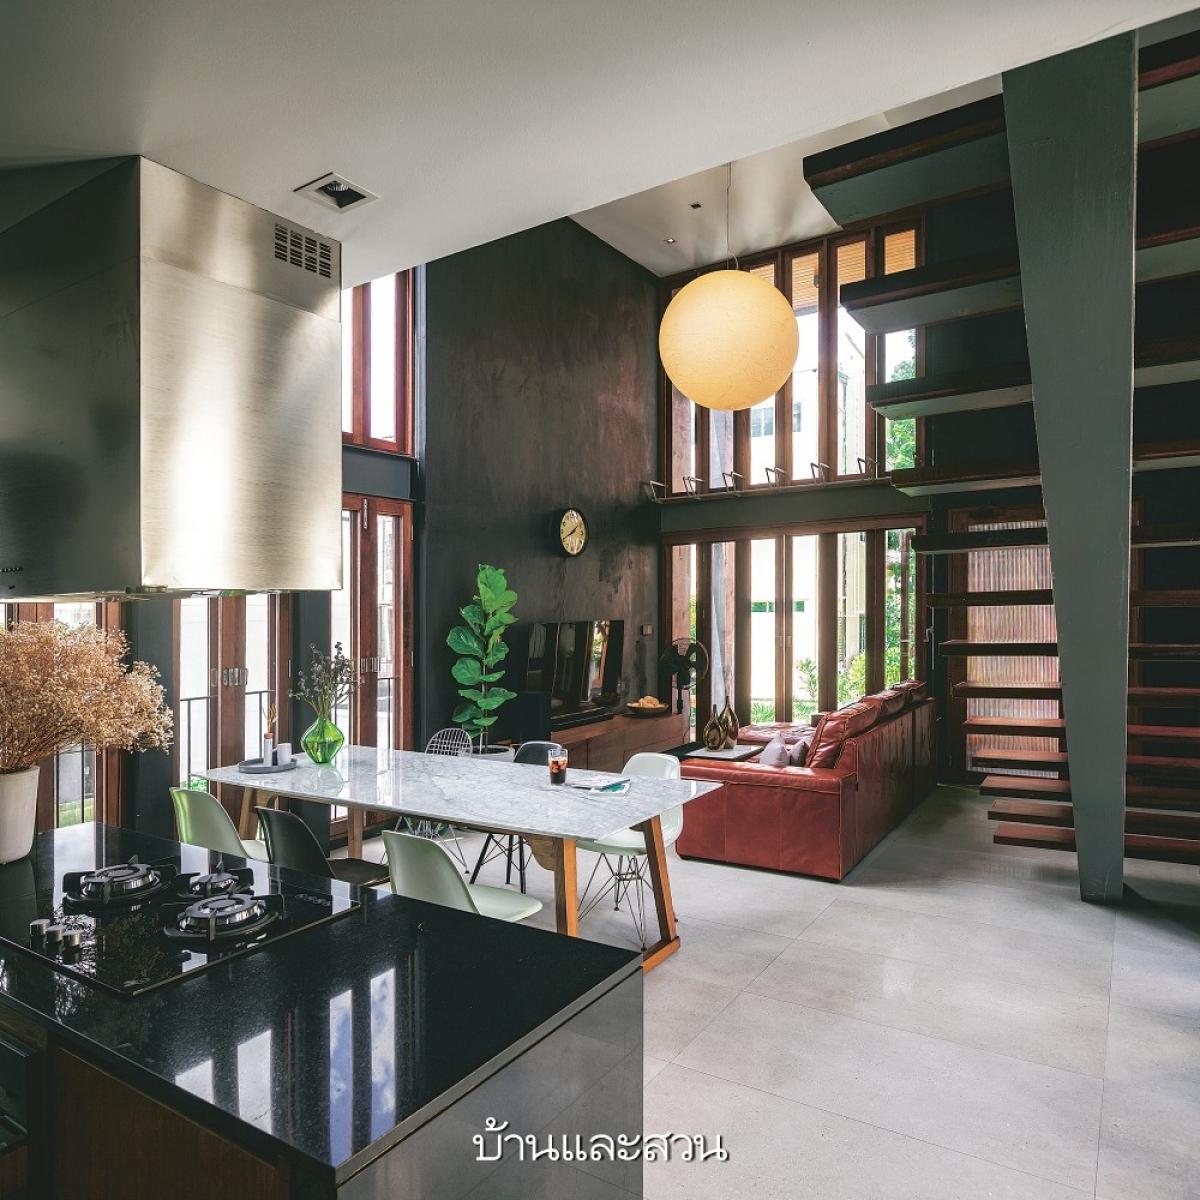 Phòng ăn và phòng khách được giao thoa với nhau tạo nên một không gian đa chiều, hiện đại.